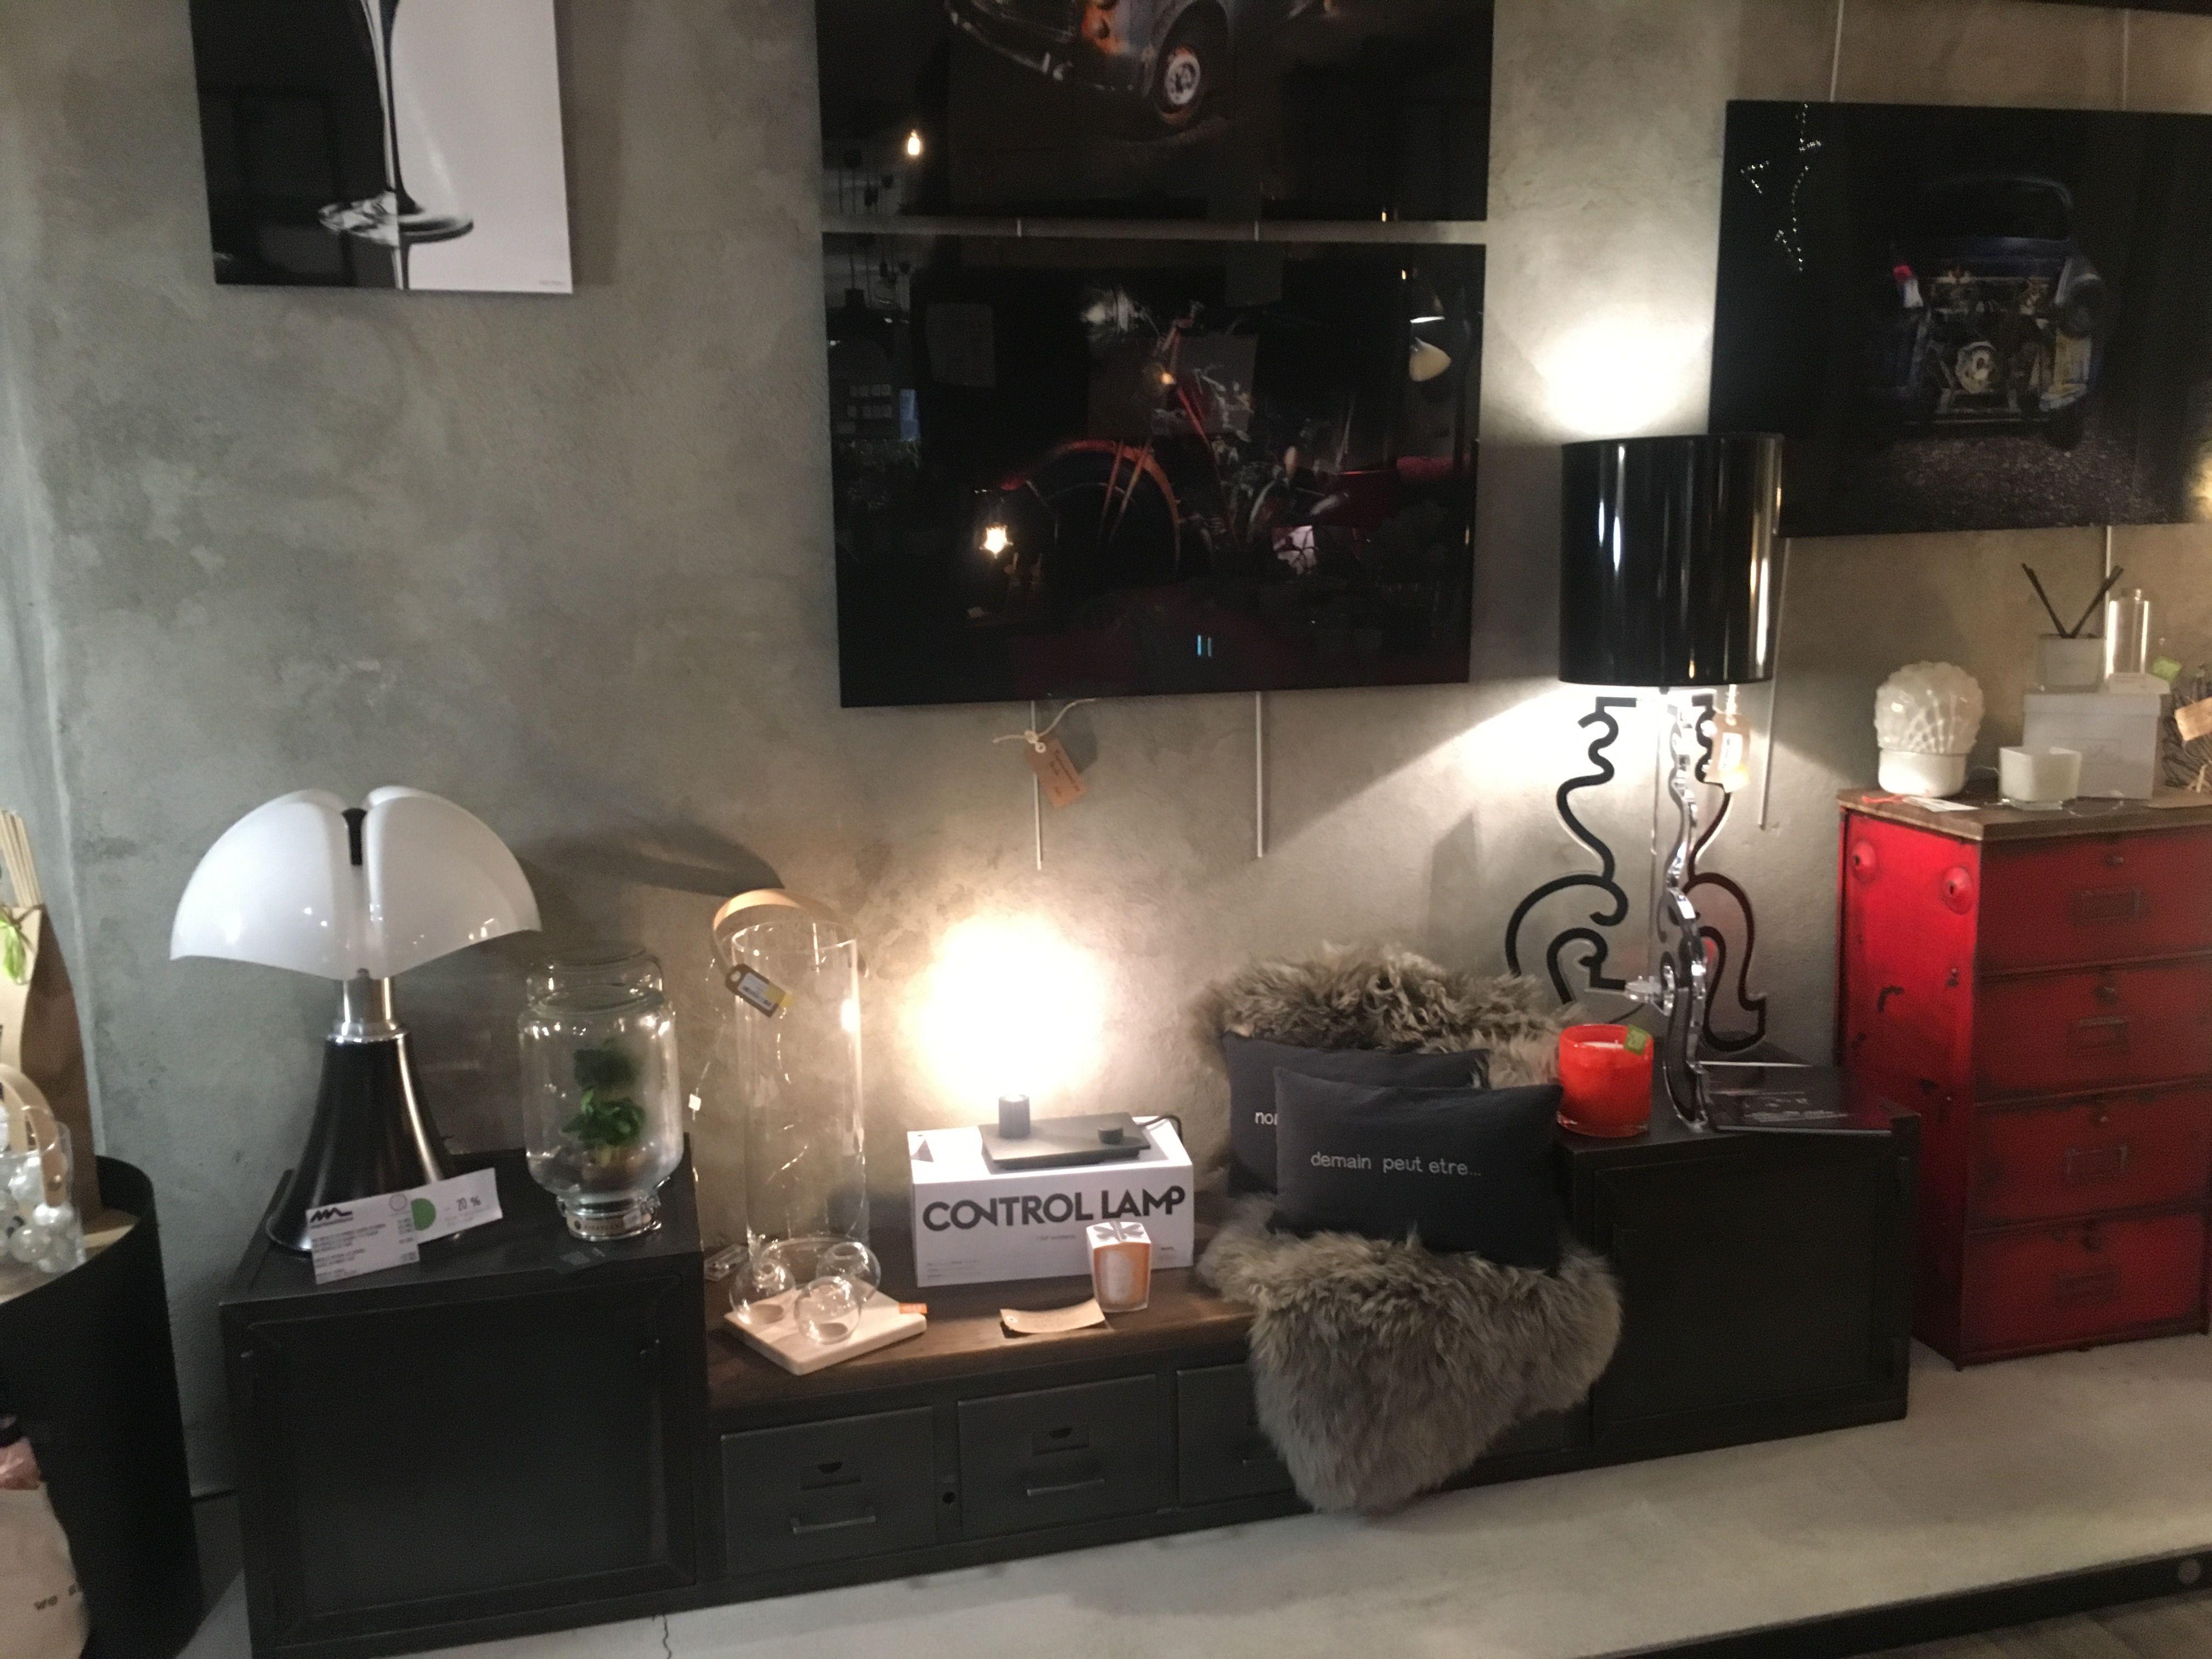 Banc Tv Industriel Ldt L Or Du Temps Pampilles Et Concept Metz Or Du Temps Idee Deco Luminaire Contemporain